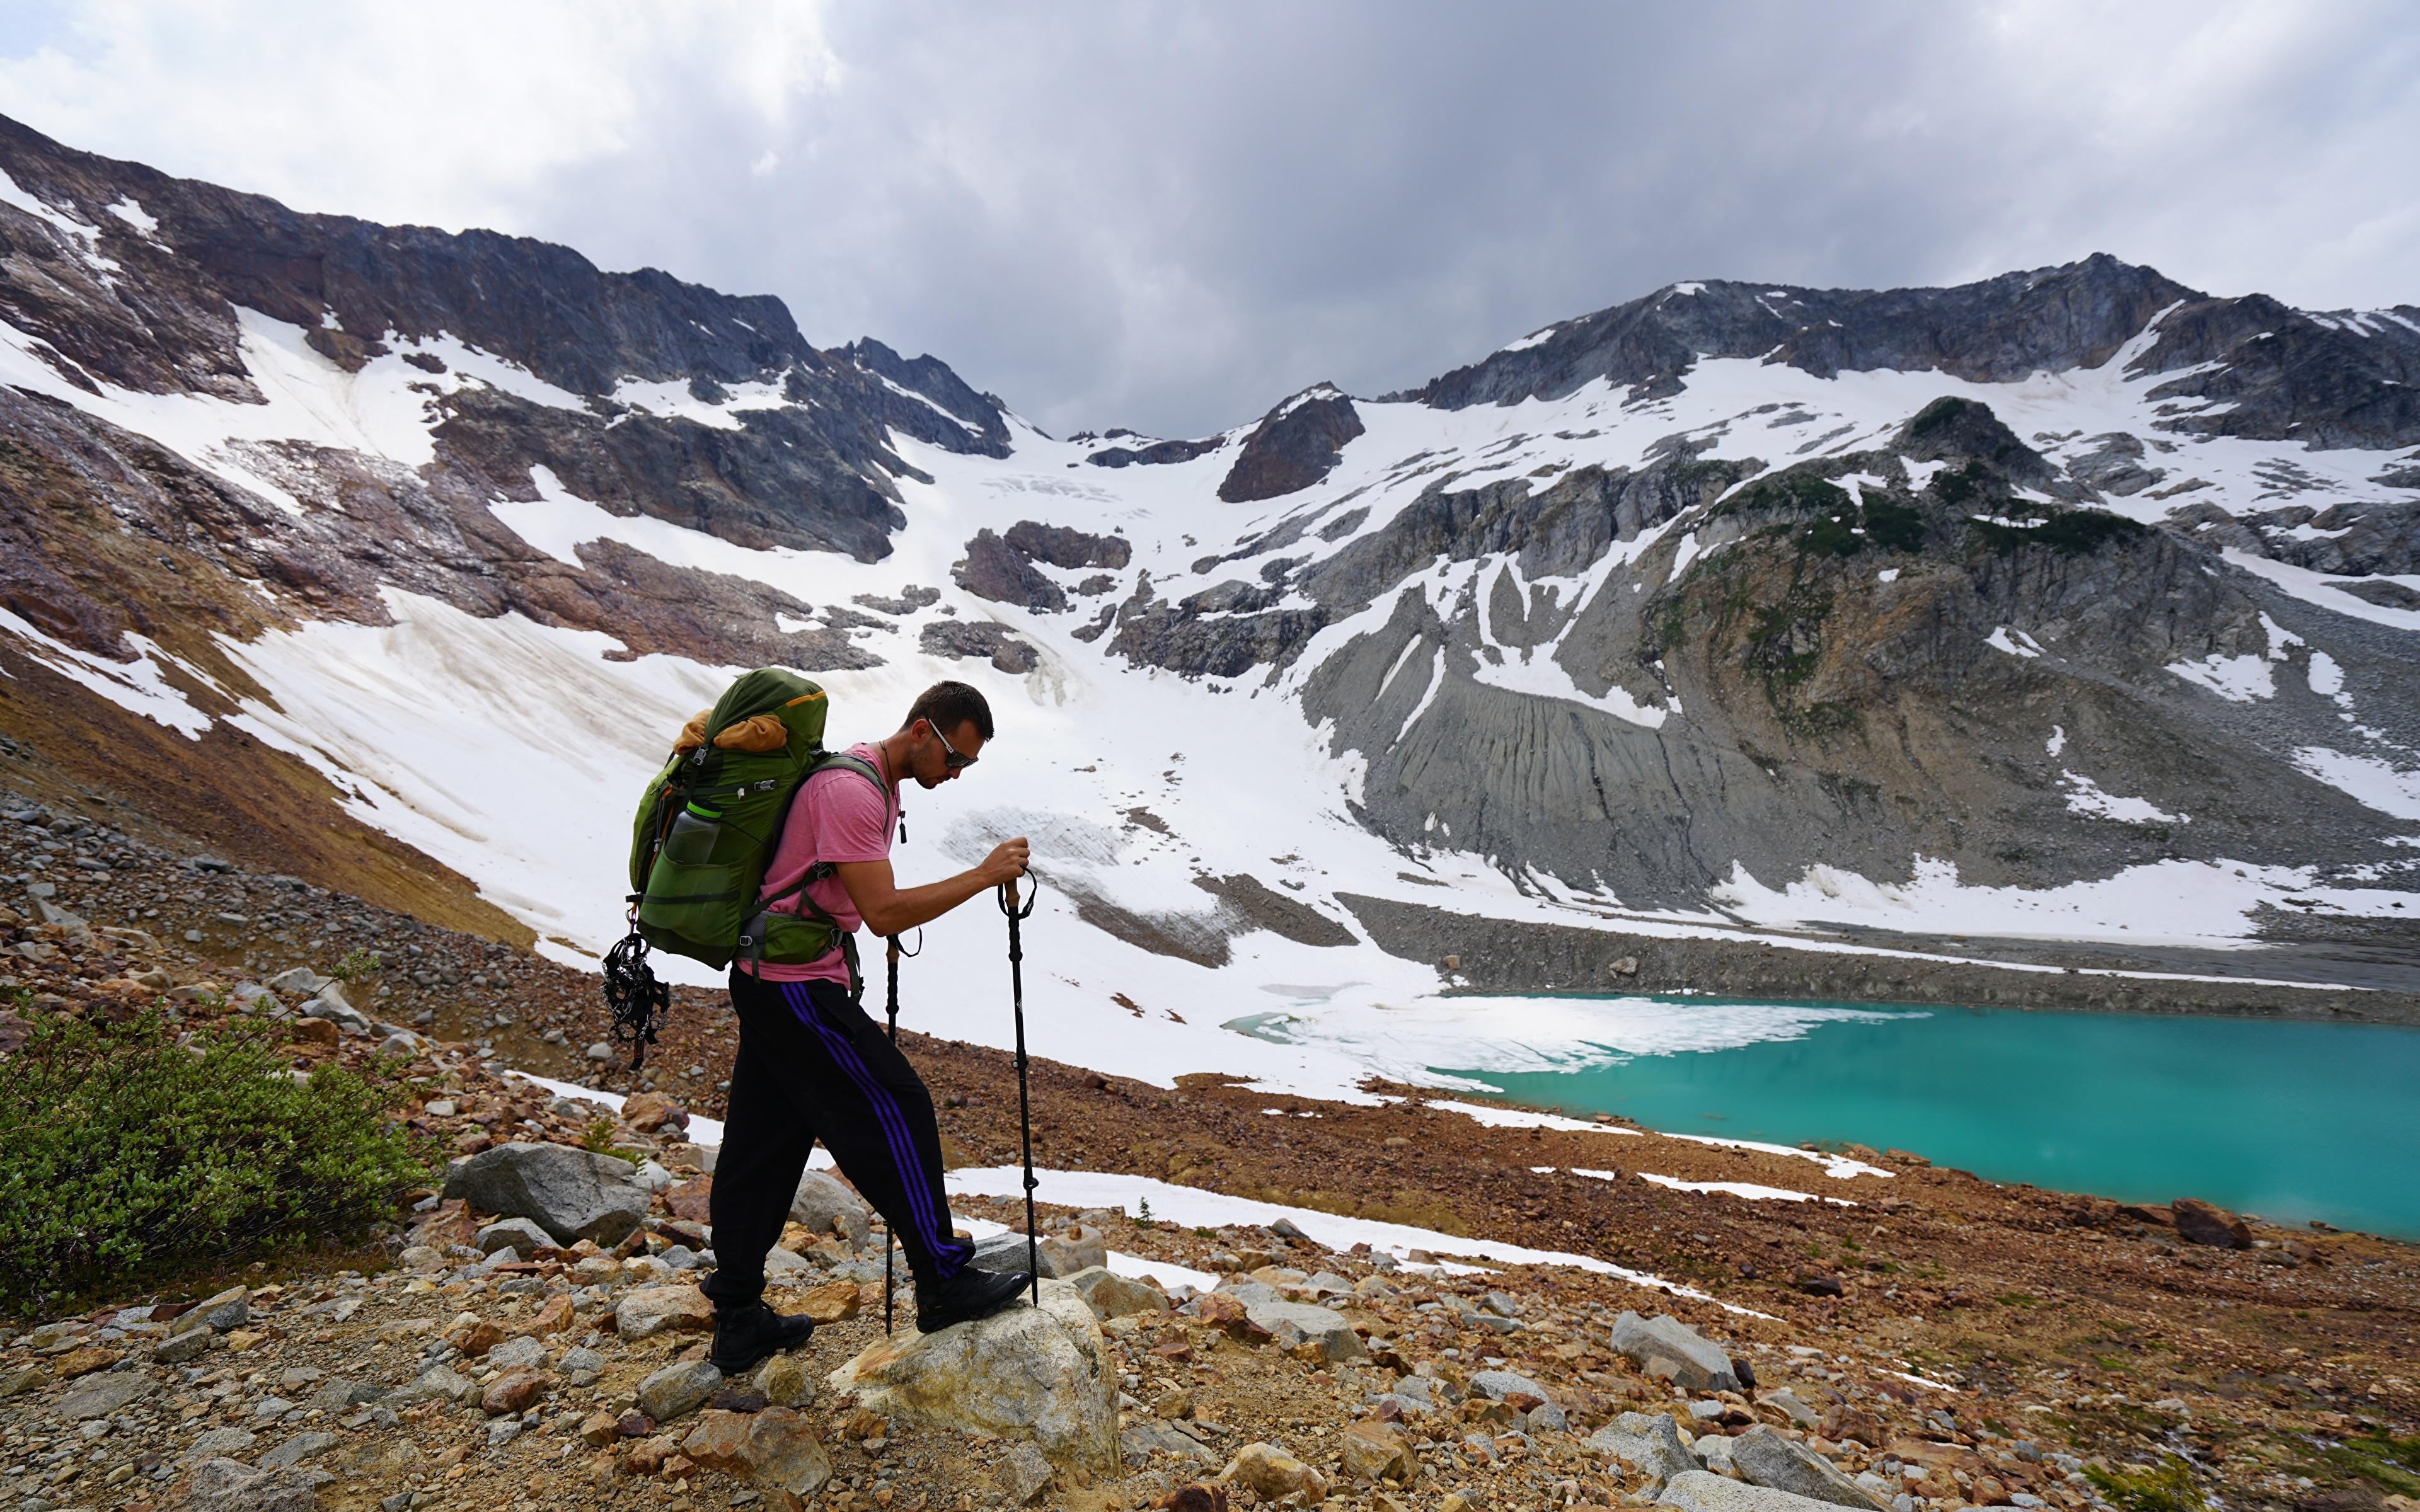 Фото Мужчины Альпинист Рюкзак гора Природа очков 3840x2400 мужчина альпинисты Горы Очки очках